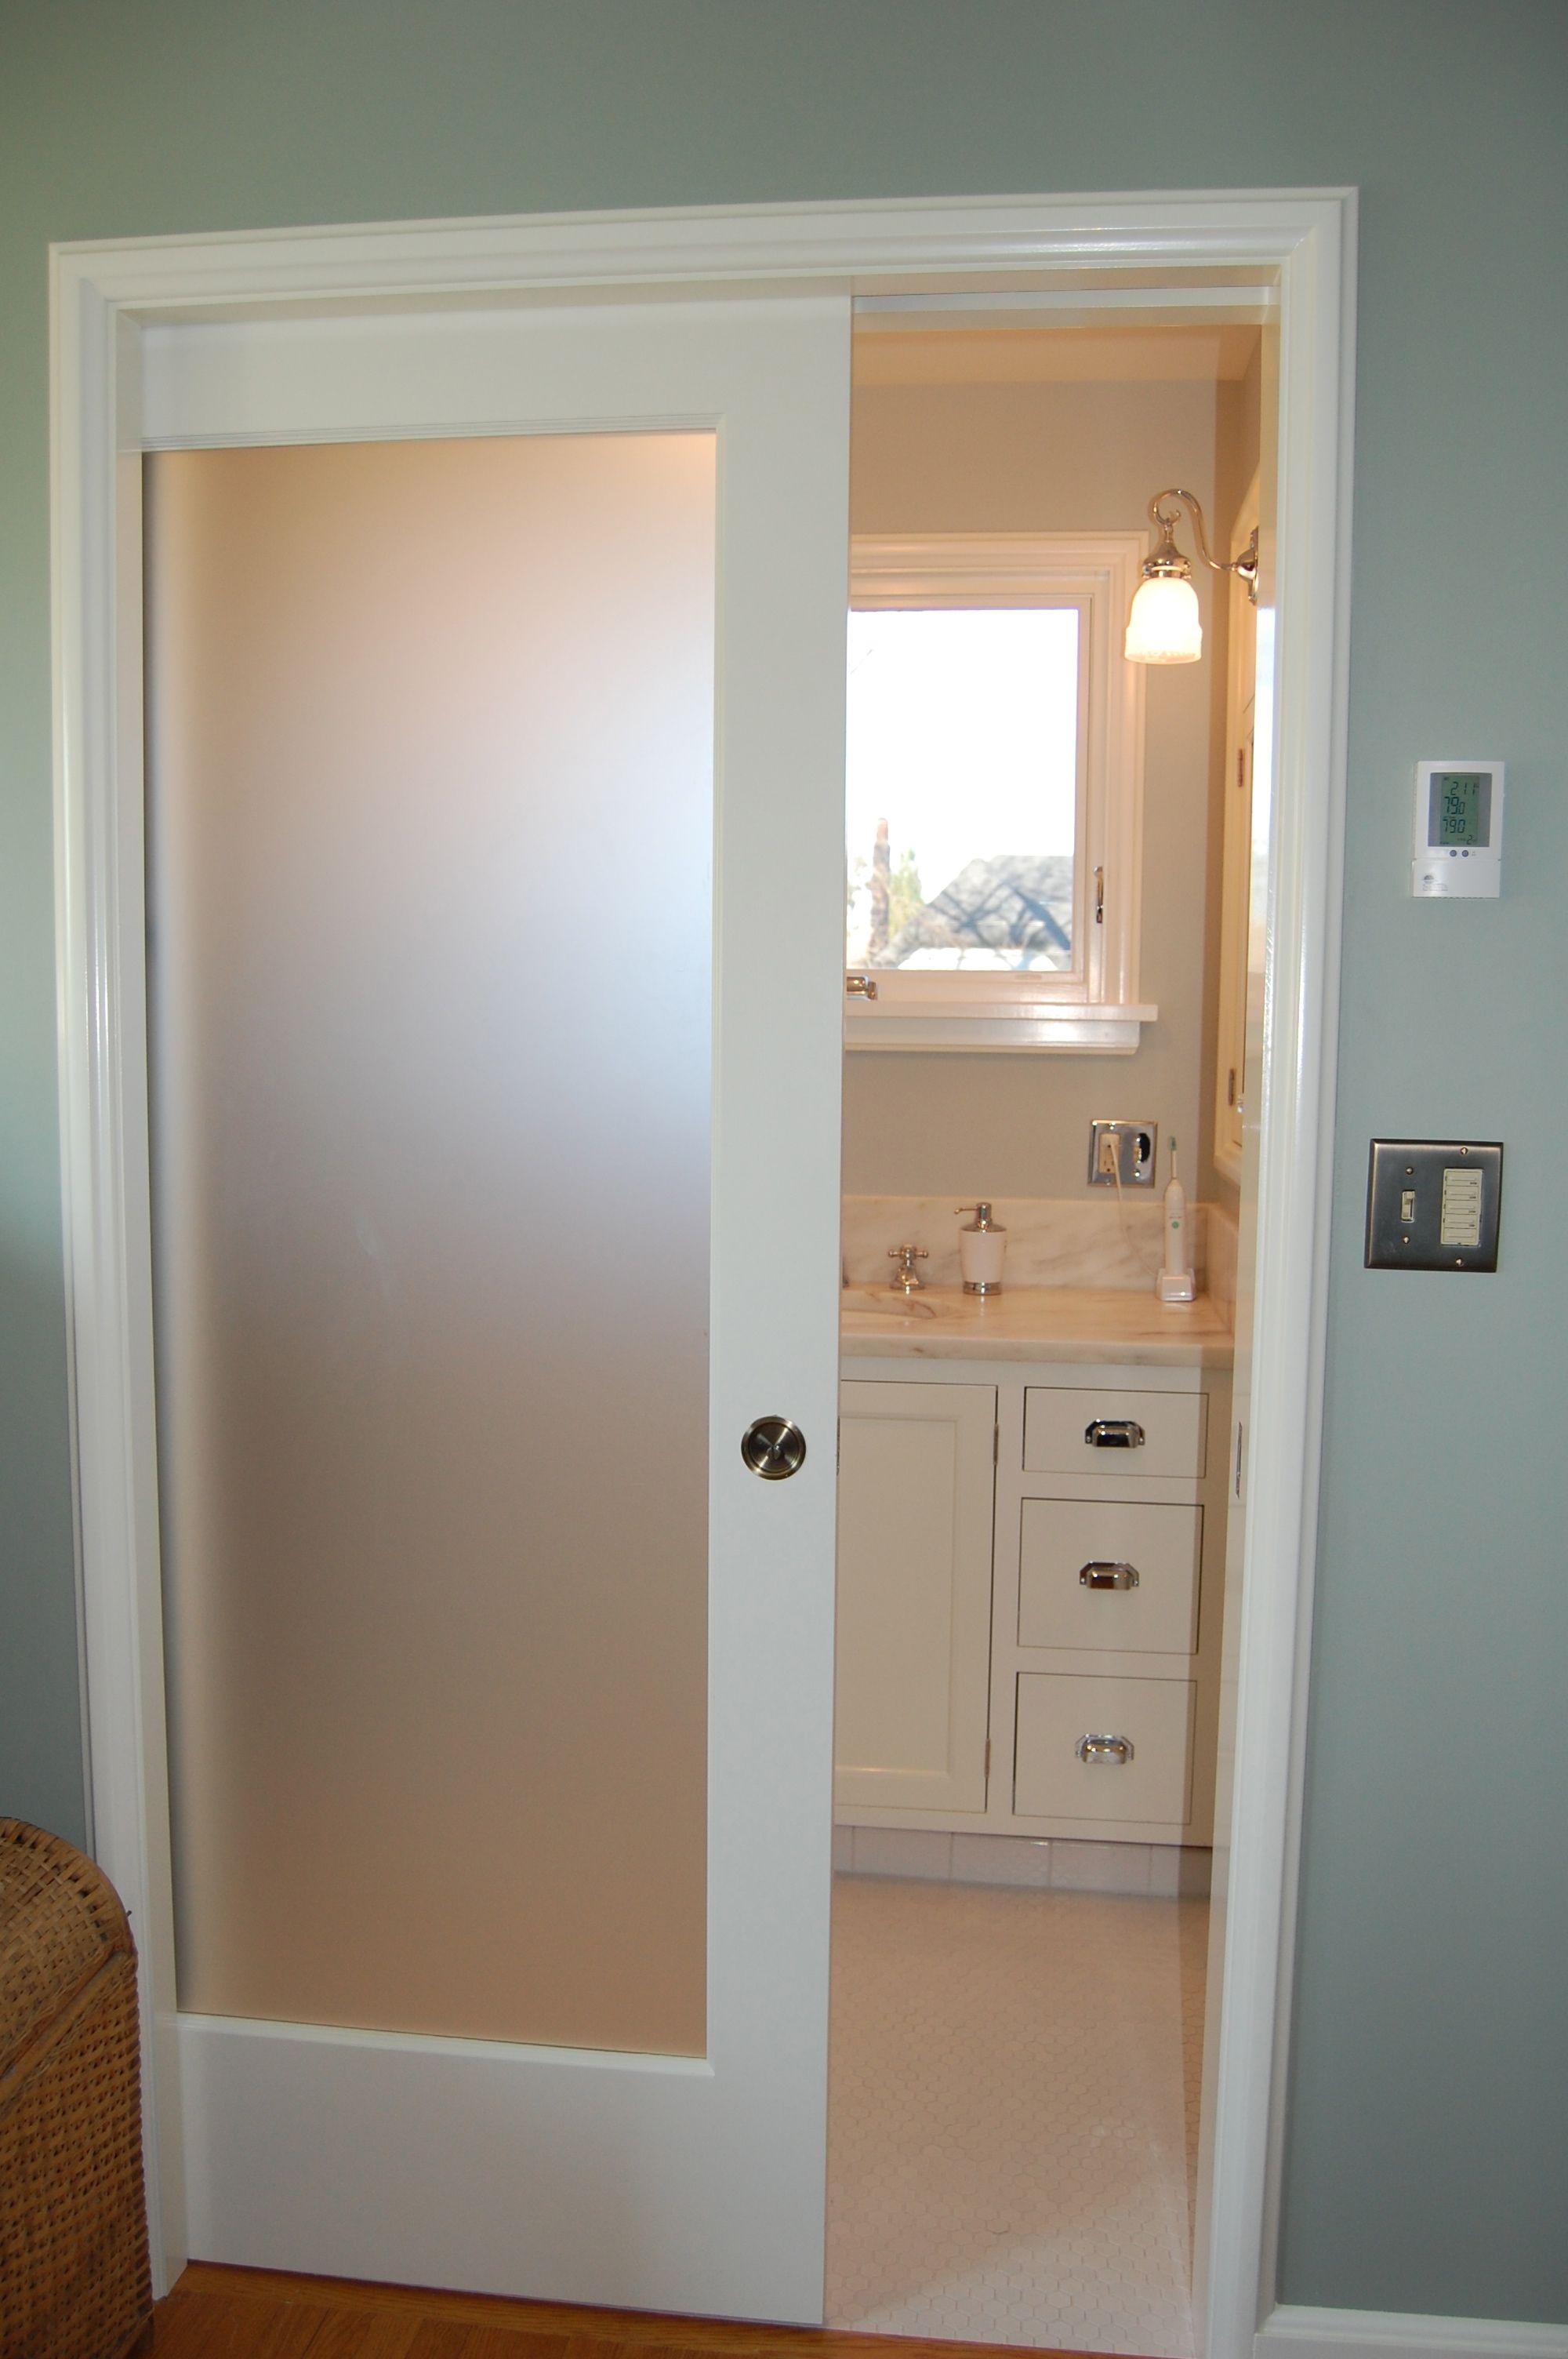 pocket door remodel on pocket doors on bathroom pocket doors bathroom glass pocket doors sliding bathroom doors www pinterest com